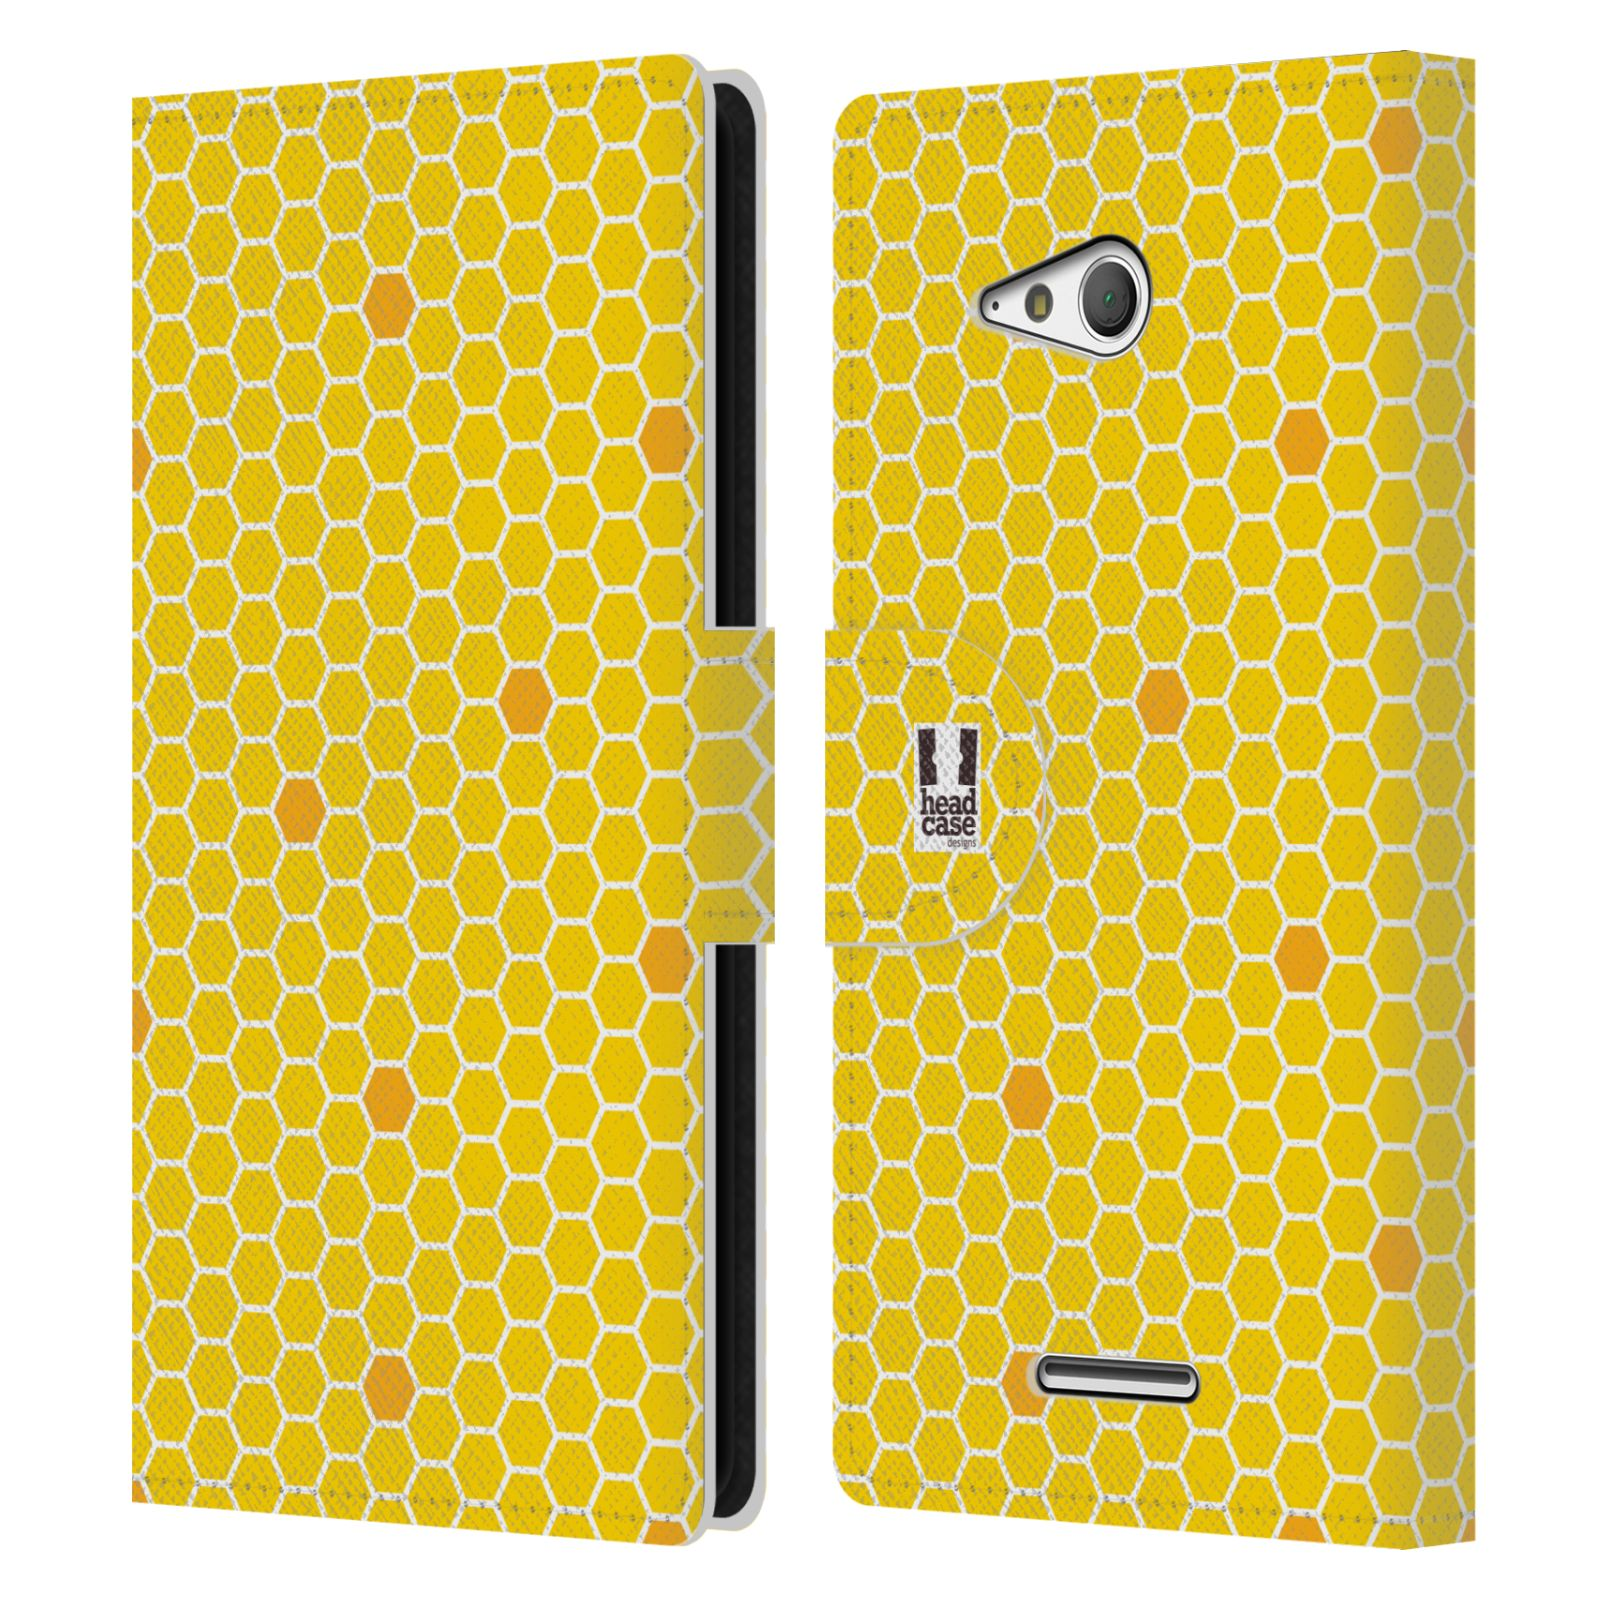 HEAD CASE Flipové pouzdro pro mobil SONY XPERIA E4g VČELÍ VZOR plástev žlutá